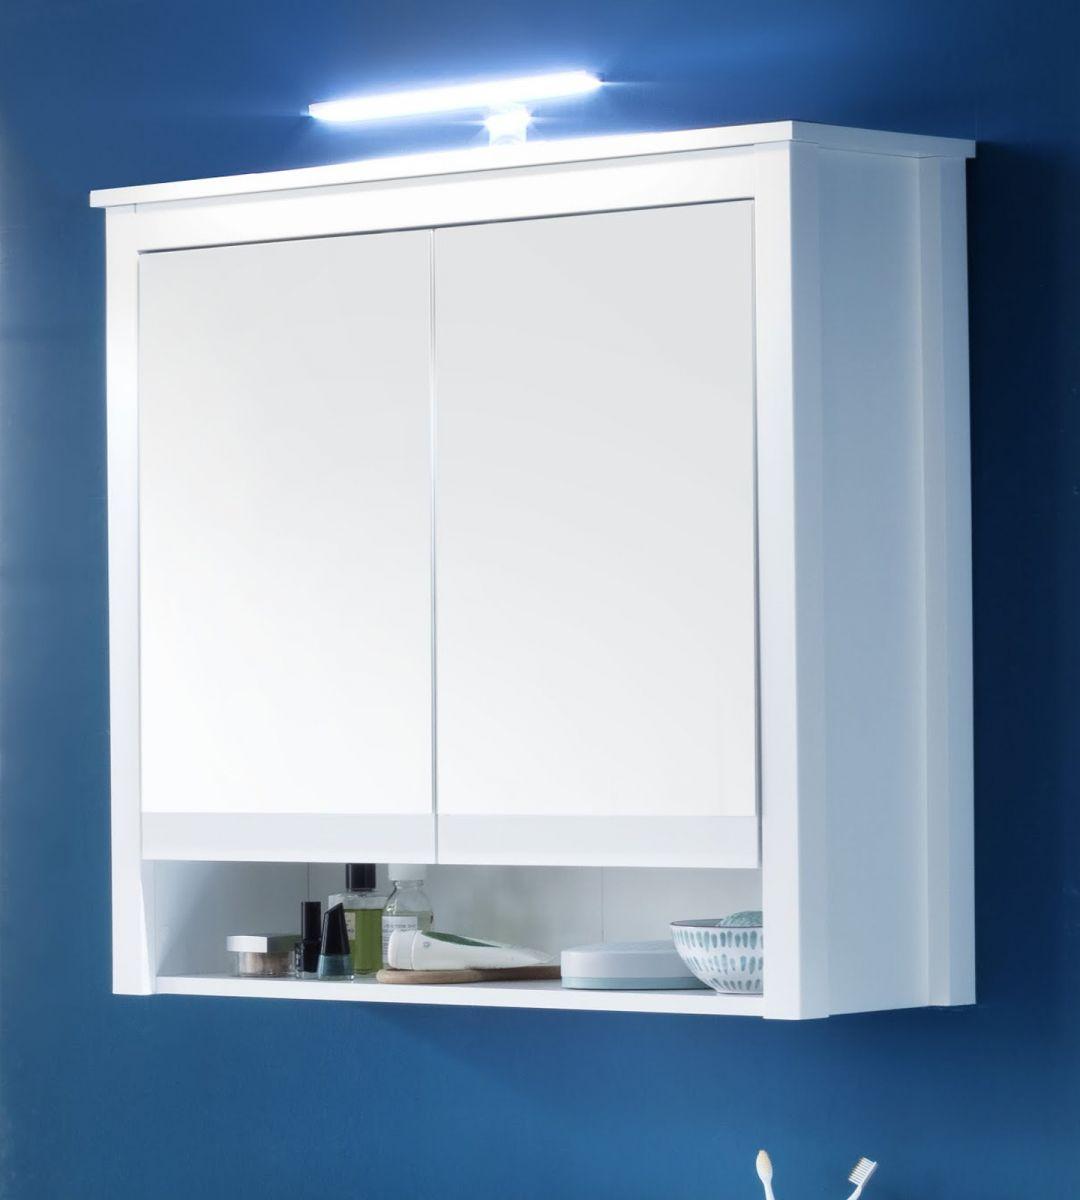 Bad Spiegelschrank Ole weiss Landhaus 80 cm inkl- LED Spiegellampe